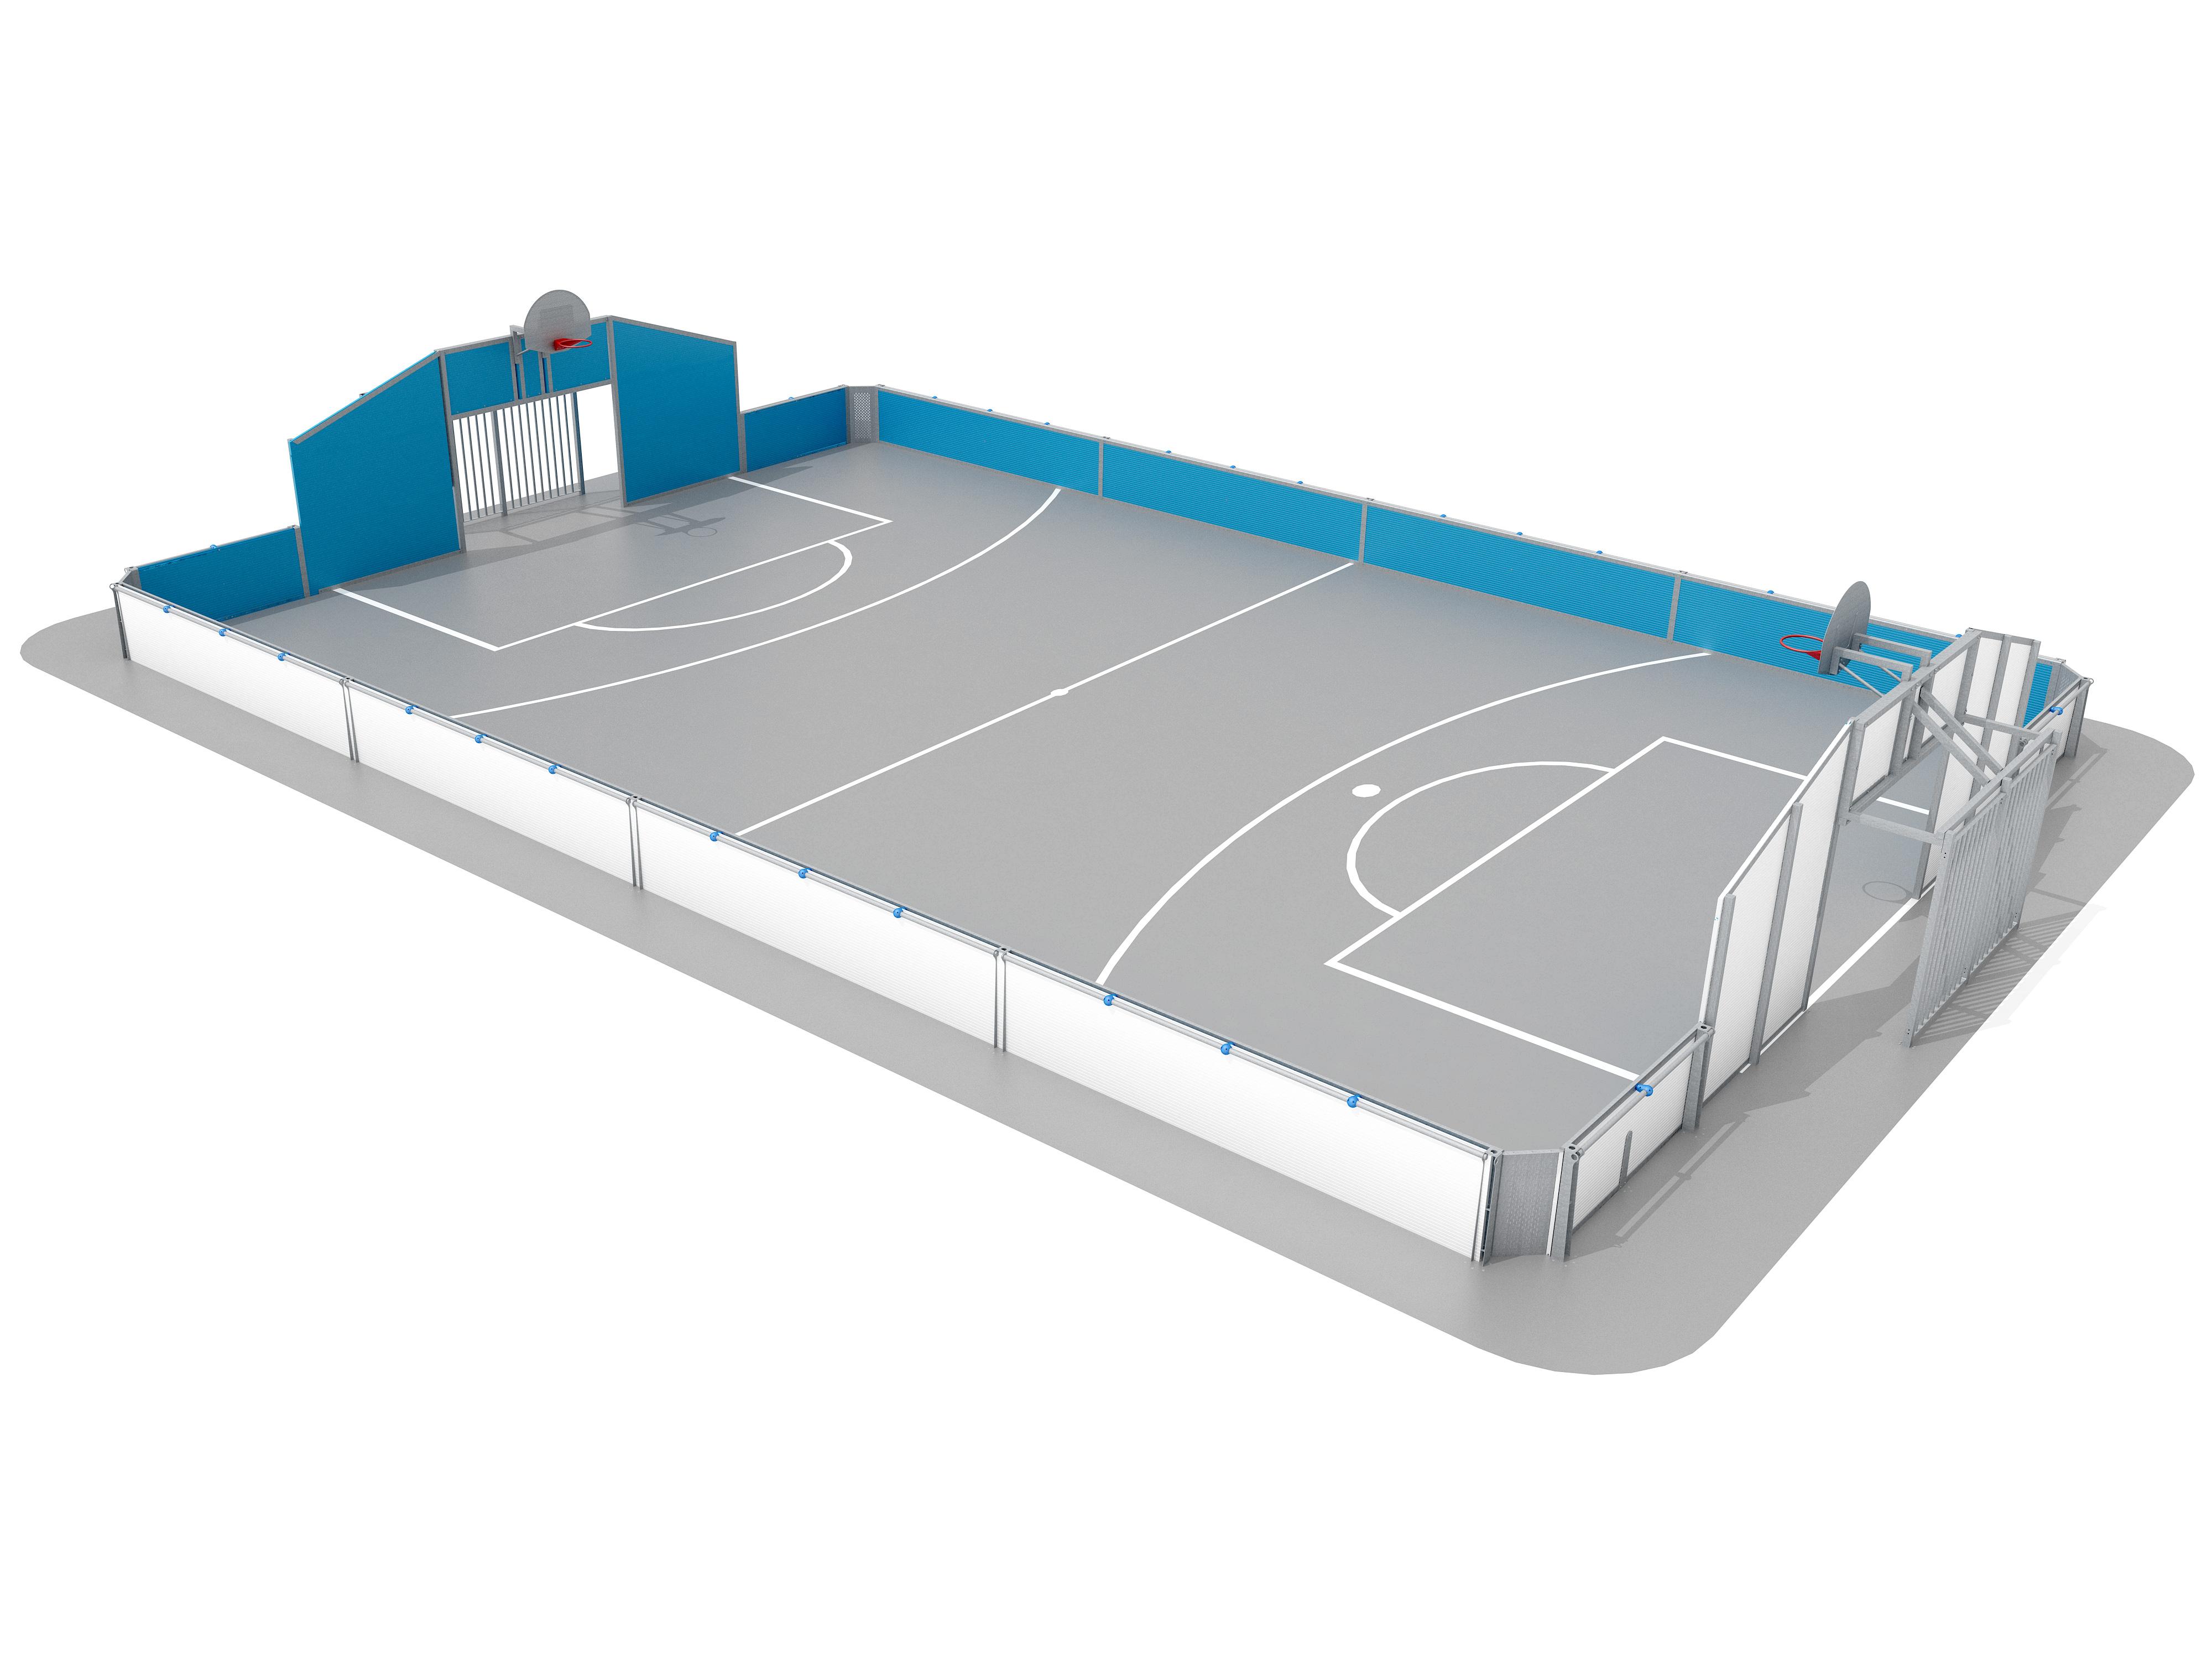 Gol-Stadium